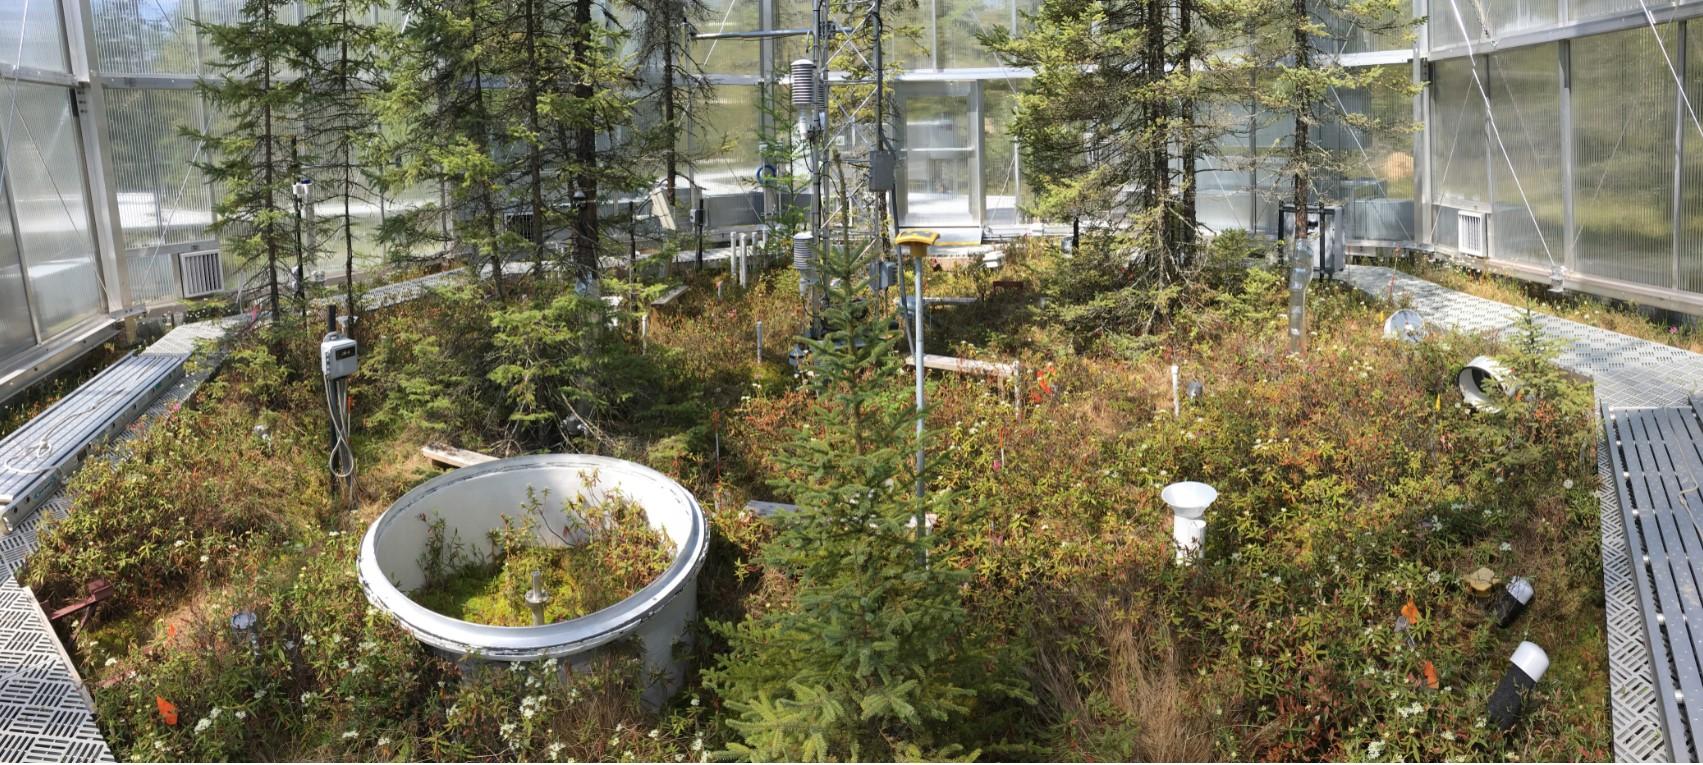 Os gabinetes SPRUCE, altamente instrumentados, mediram o movimento do carbono através de parcelas de turfeiras